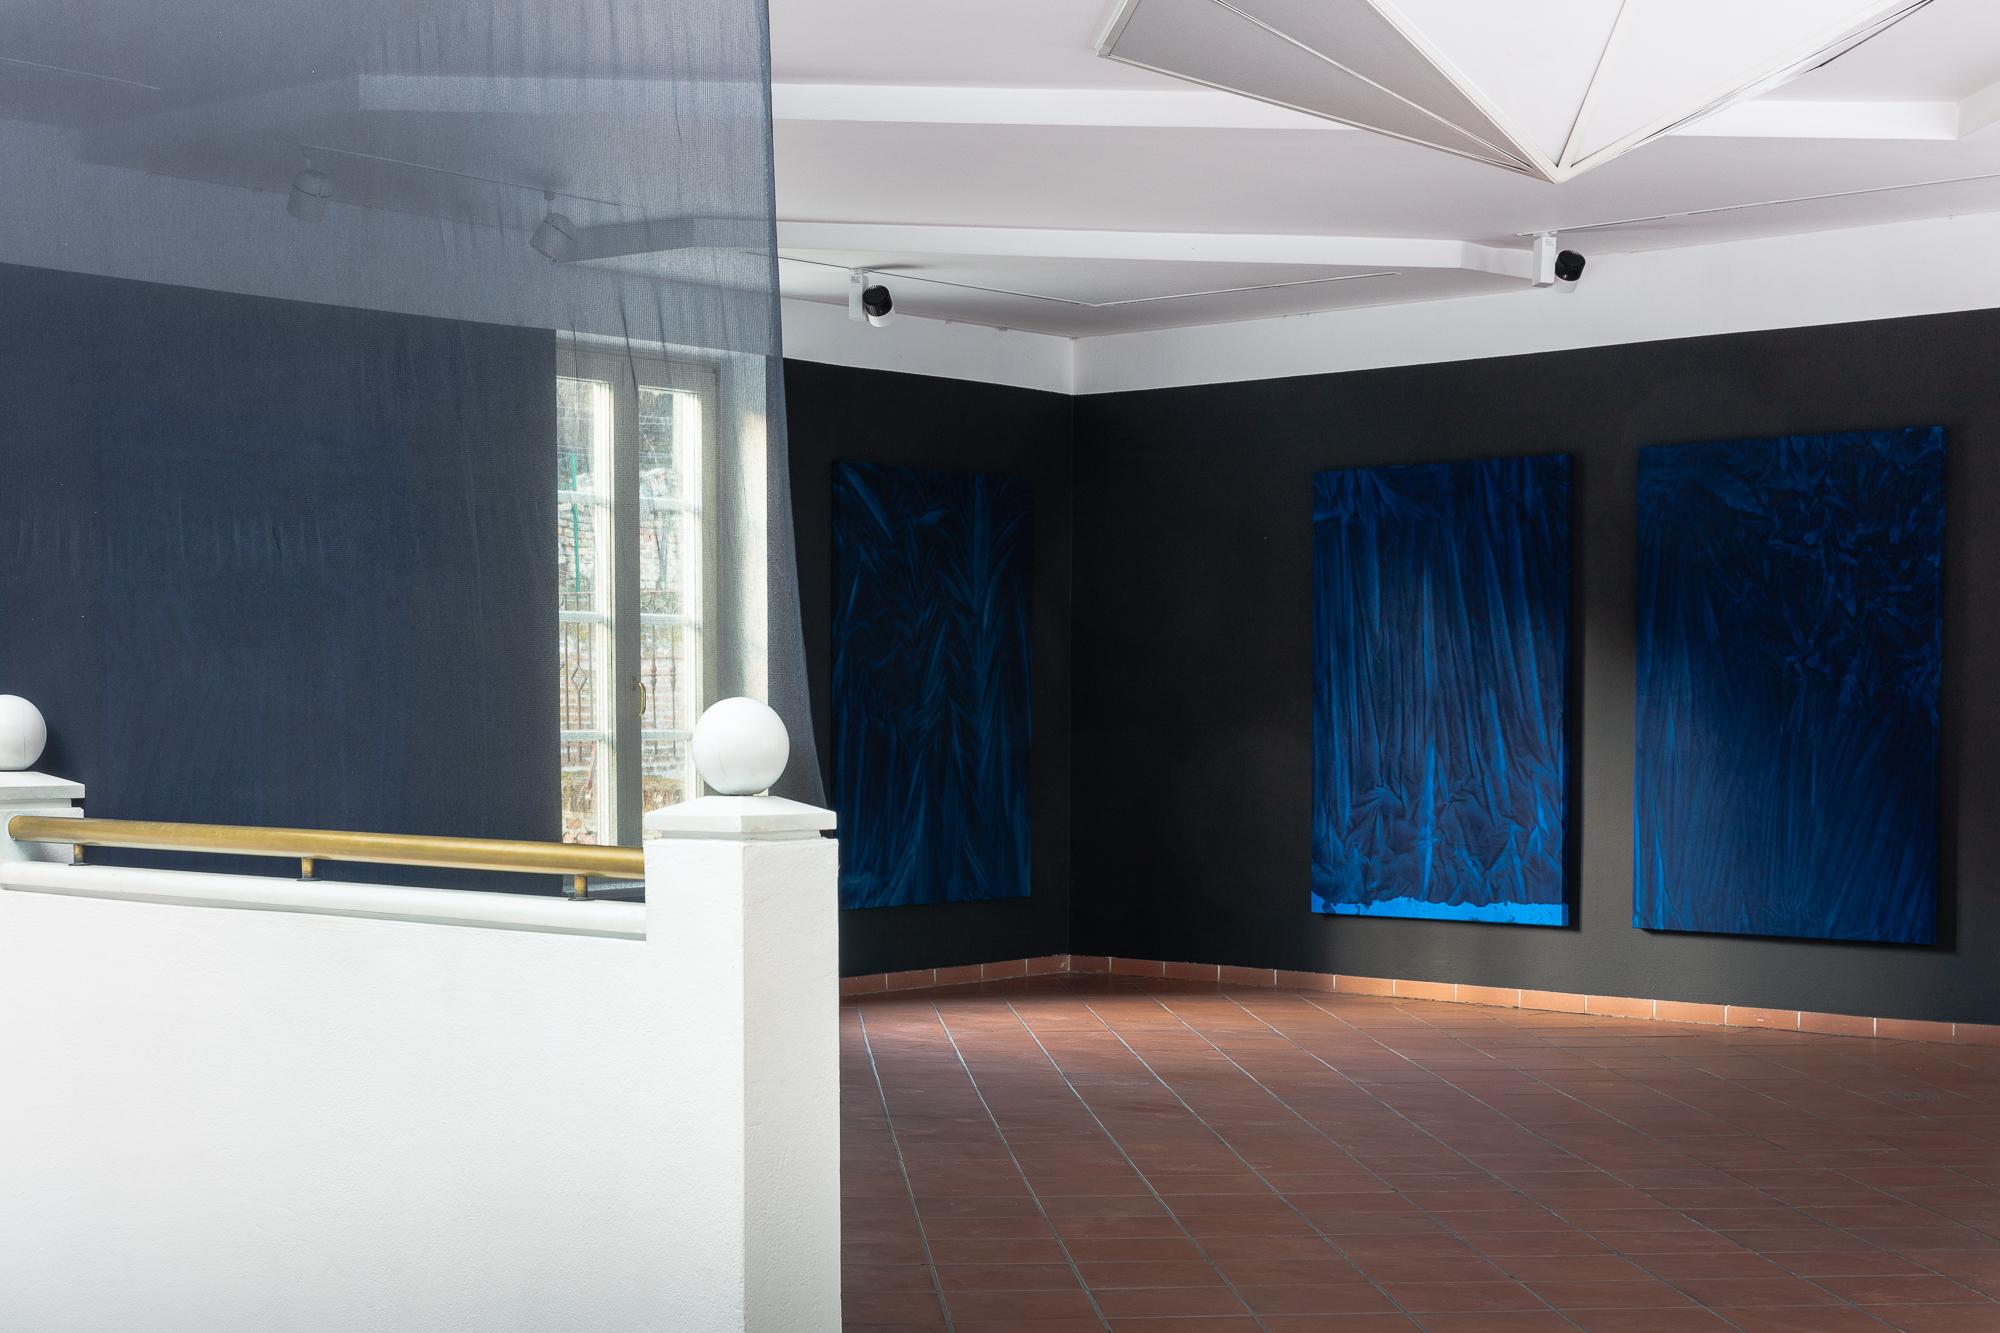 2019_03_05_Simon Iurino_Ausstellungsansichten_010_web.jpg